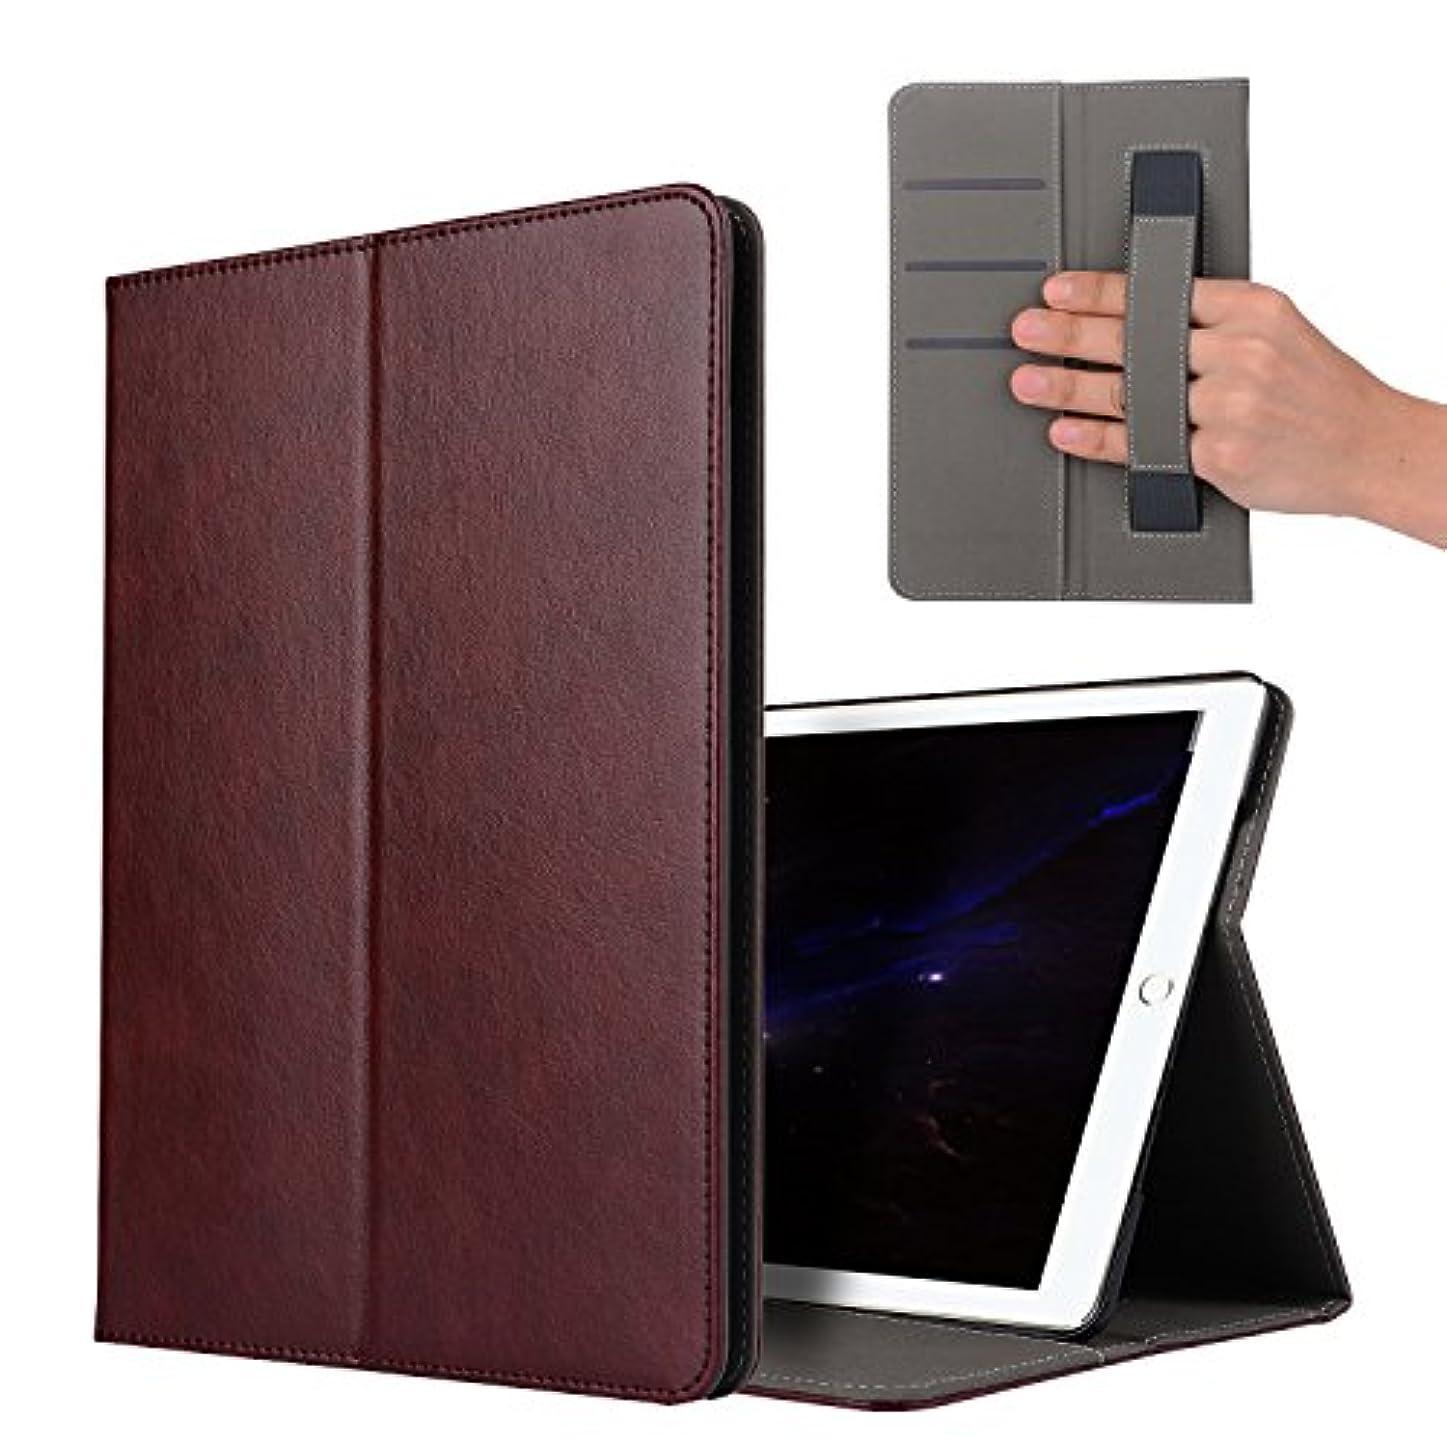 静脈アコード膿瘍【E-COAST】新型 iPad Pro 10.5 2017 専用ケース 保護カバー 二つ折畳式 ハンドストラップ付 スタンド可能 カードポケット付 多色選択可能 オートスリープ対応 液晶フィルム付 (ワインレッド)